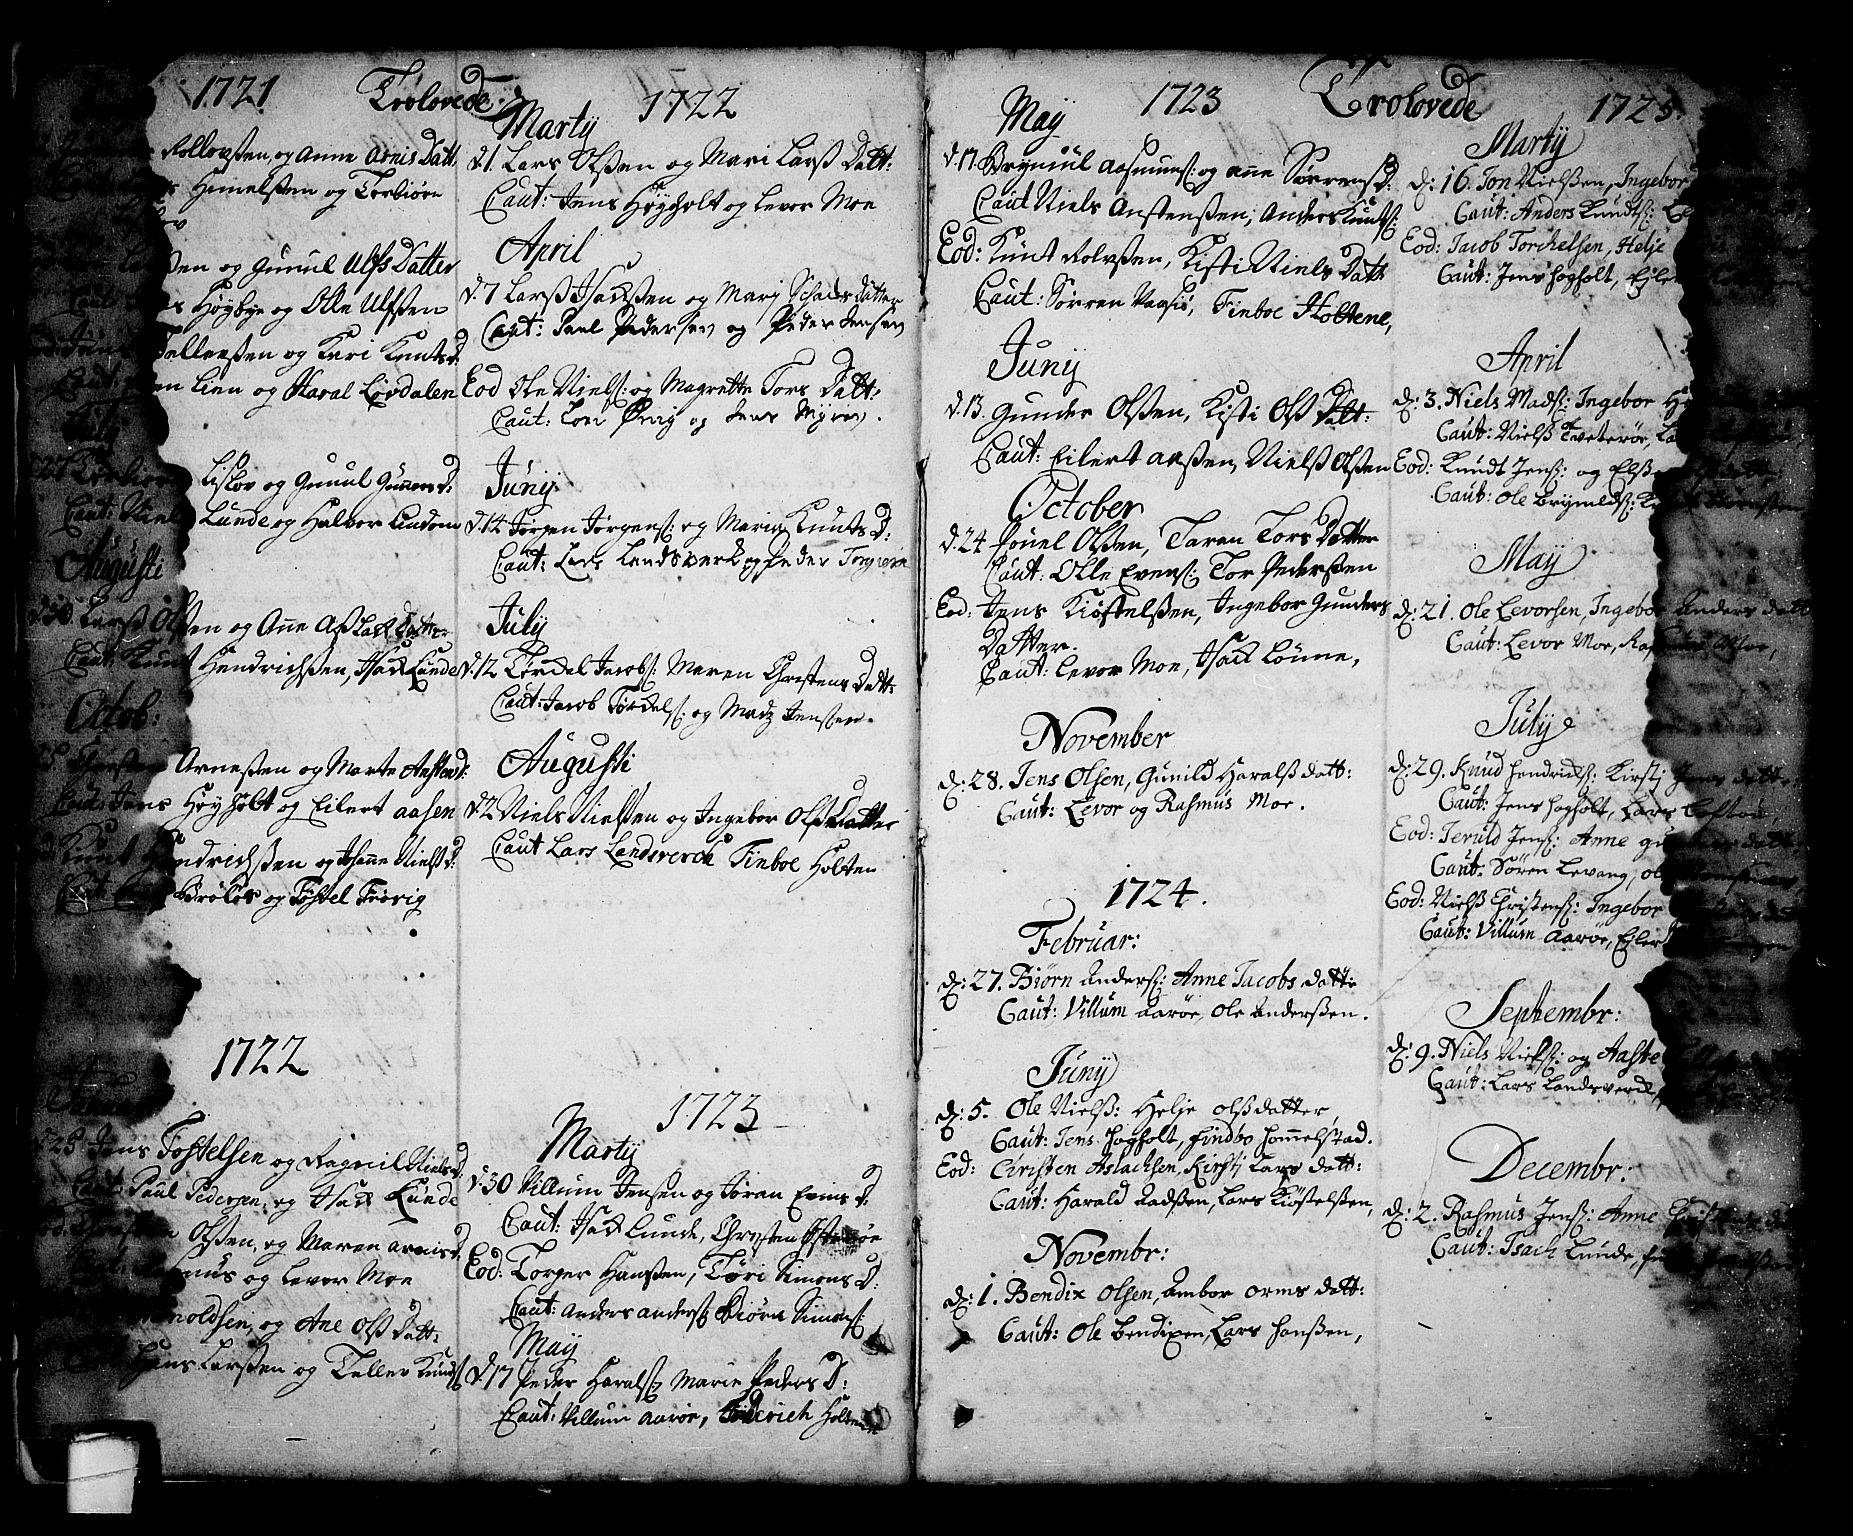 SAKO, Sannidal kirkebøker, F/Fa/L0001: Ministerialbok nr. 1, 1702-1766, s. 6-7